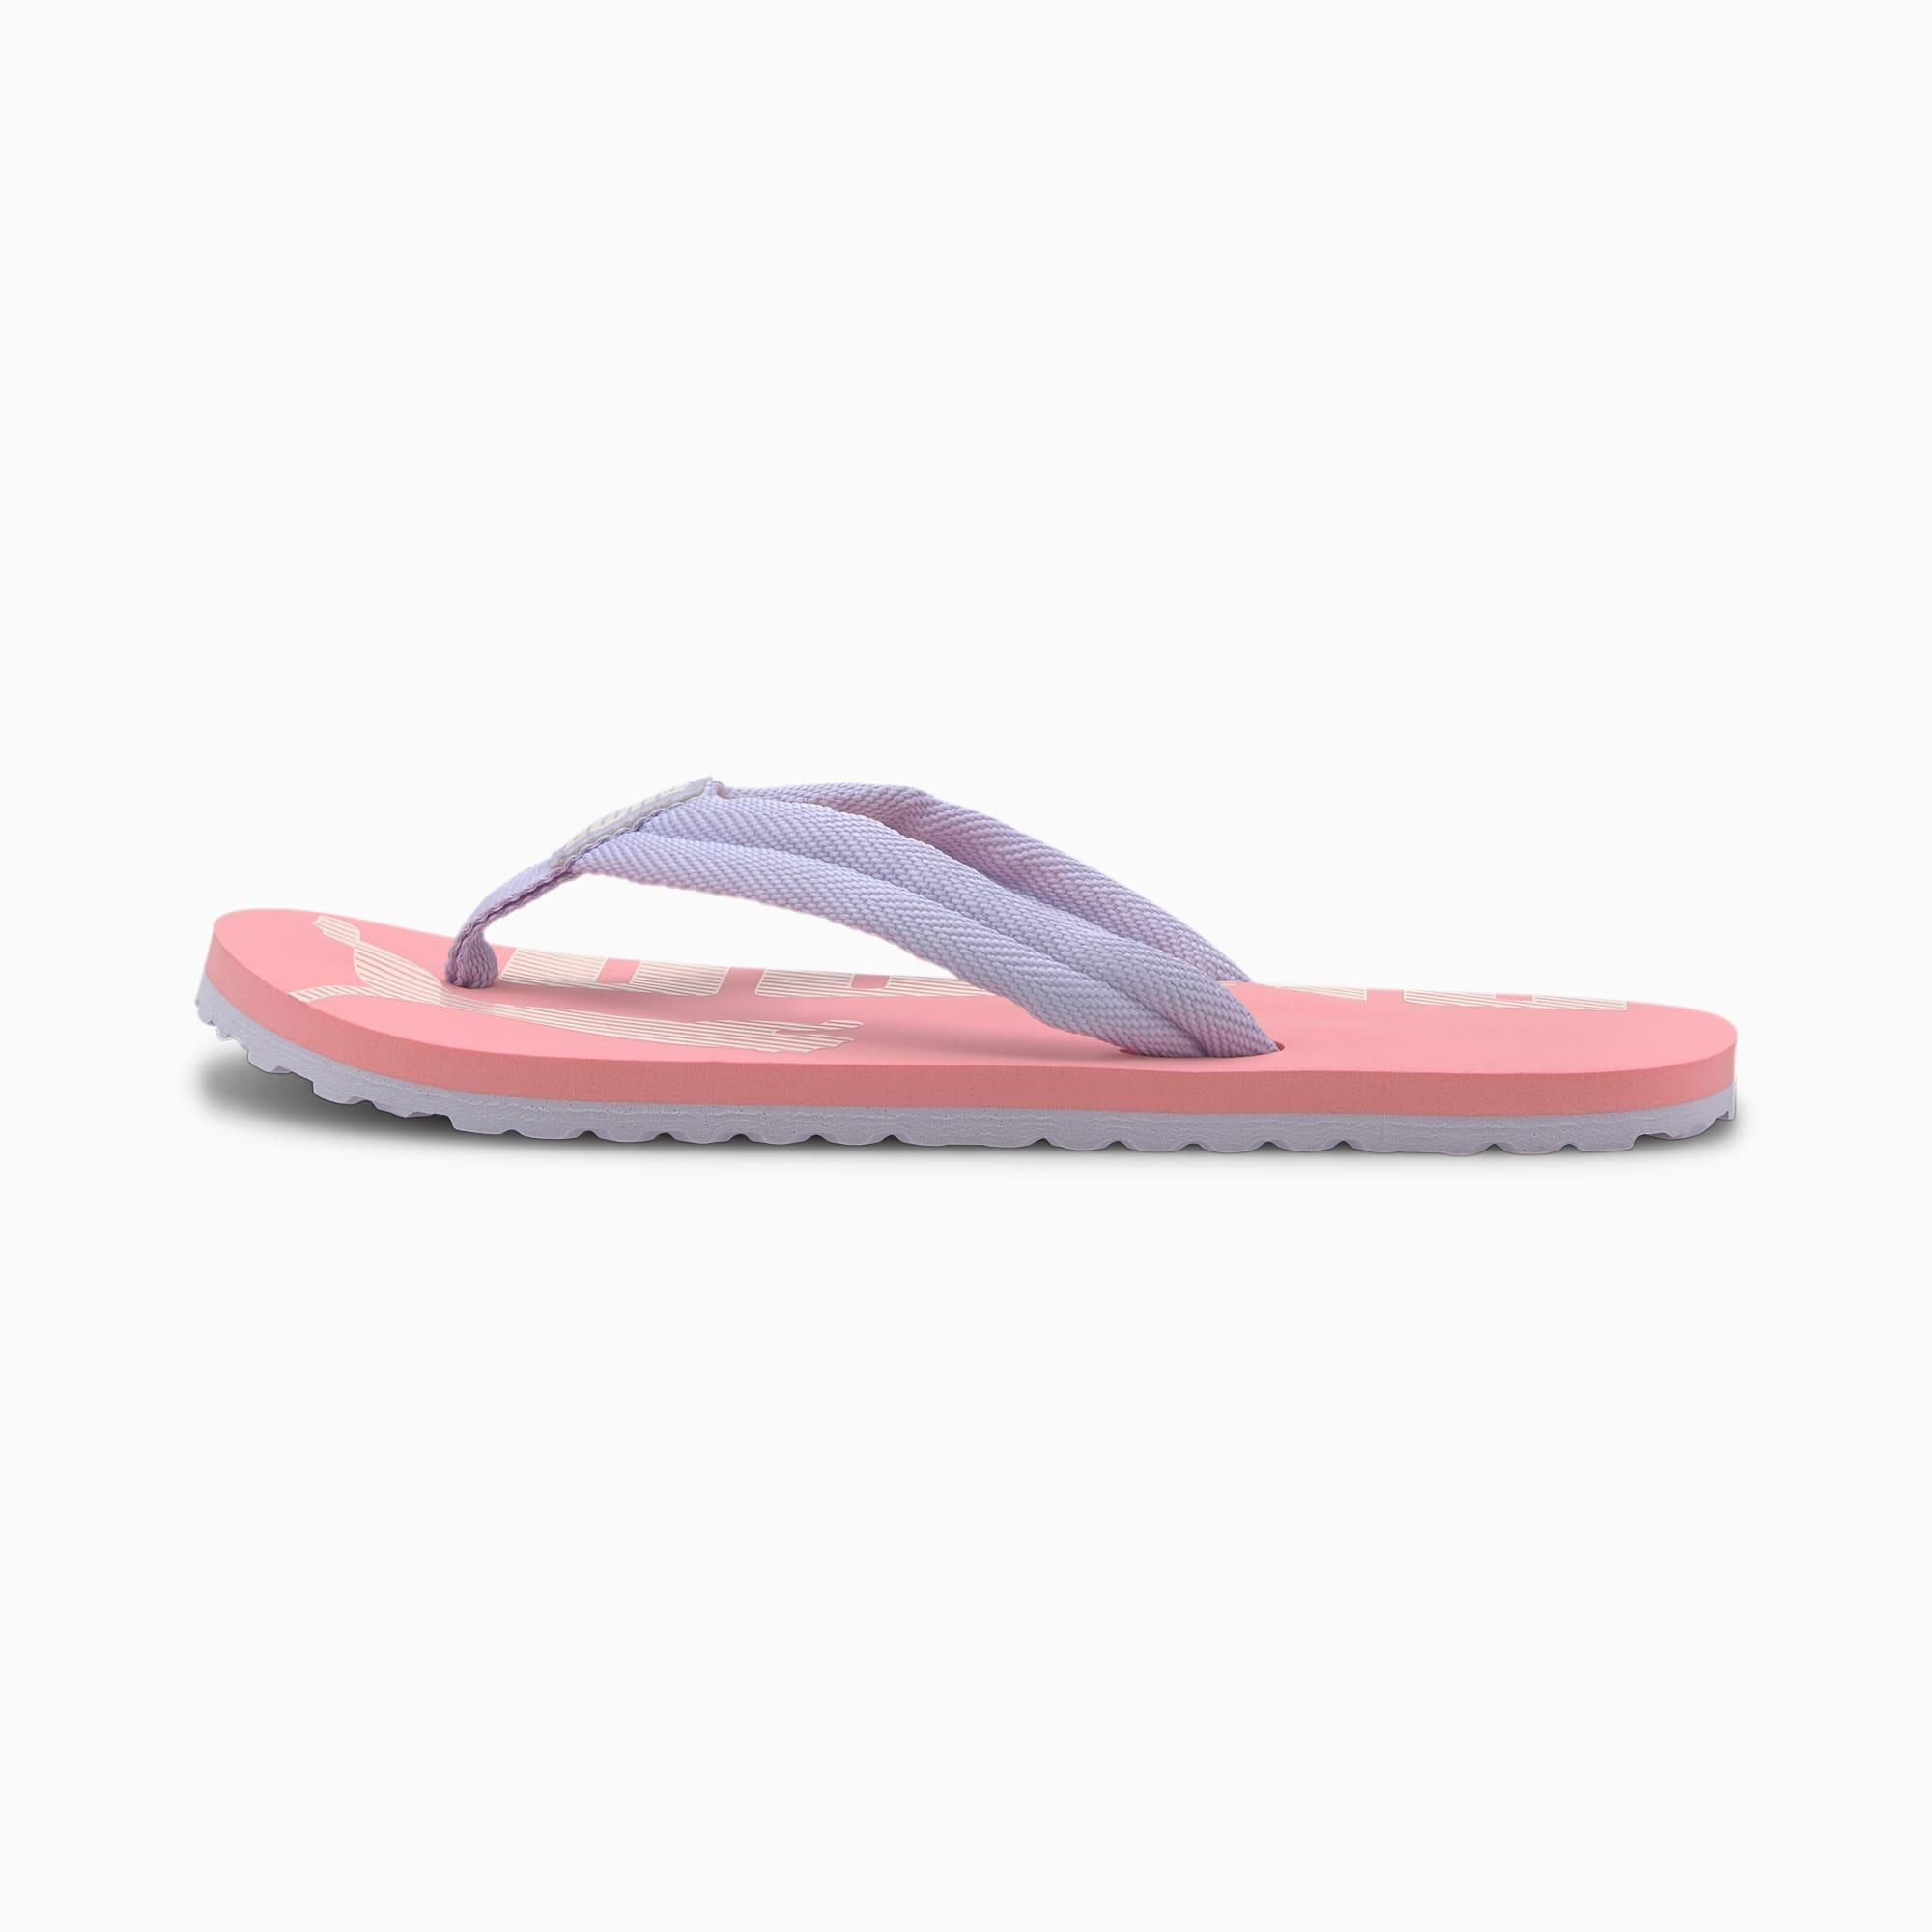 PUMA Tong Epic Flip v2 pour enfant, Violet/Bruyère, Taille 37, Chaussures